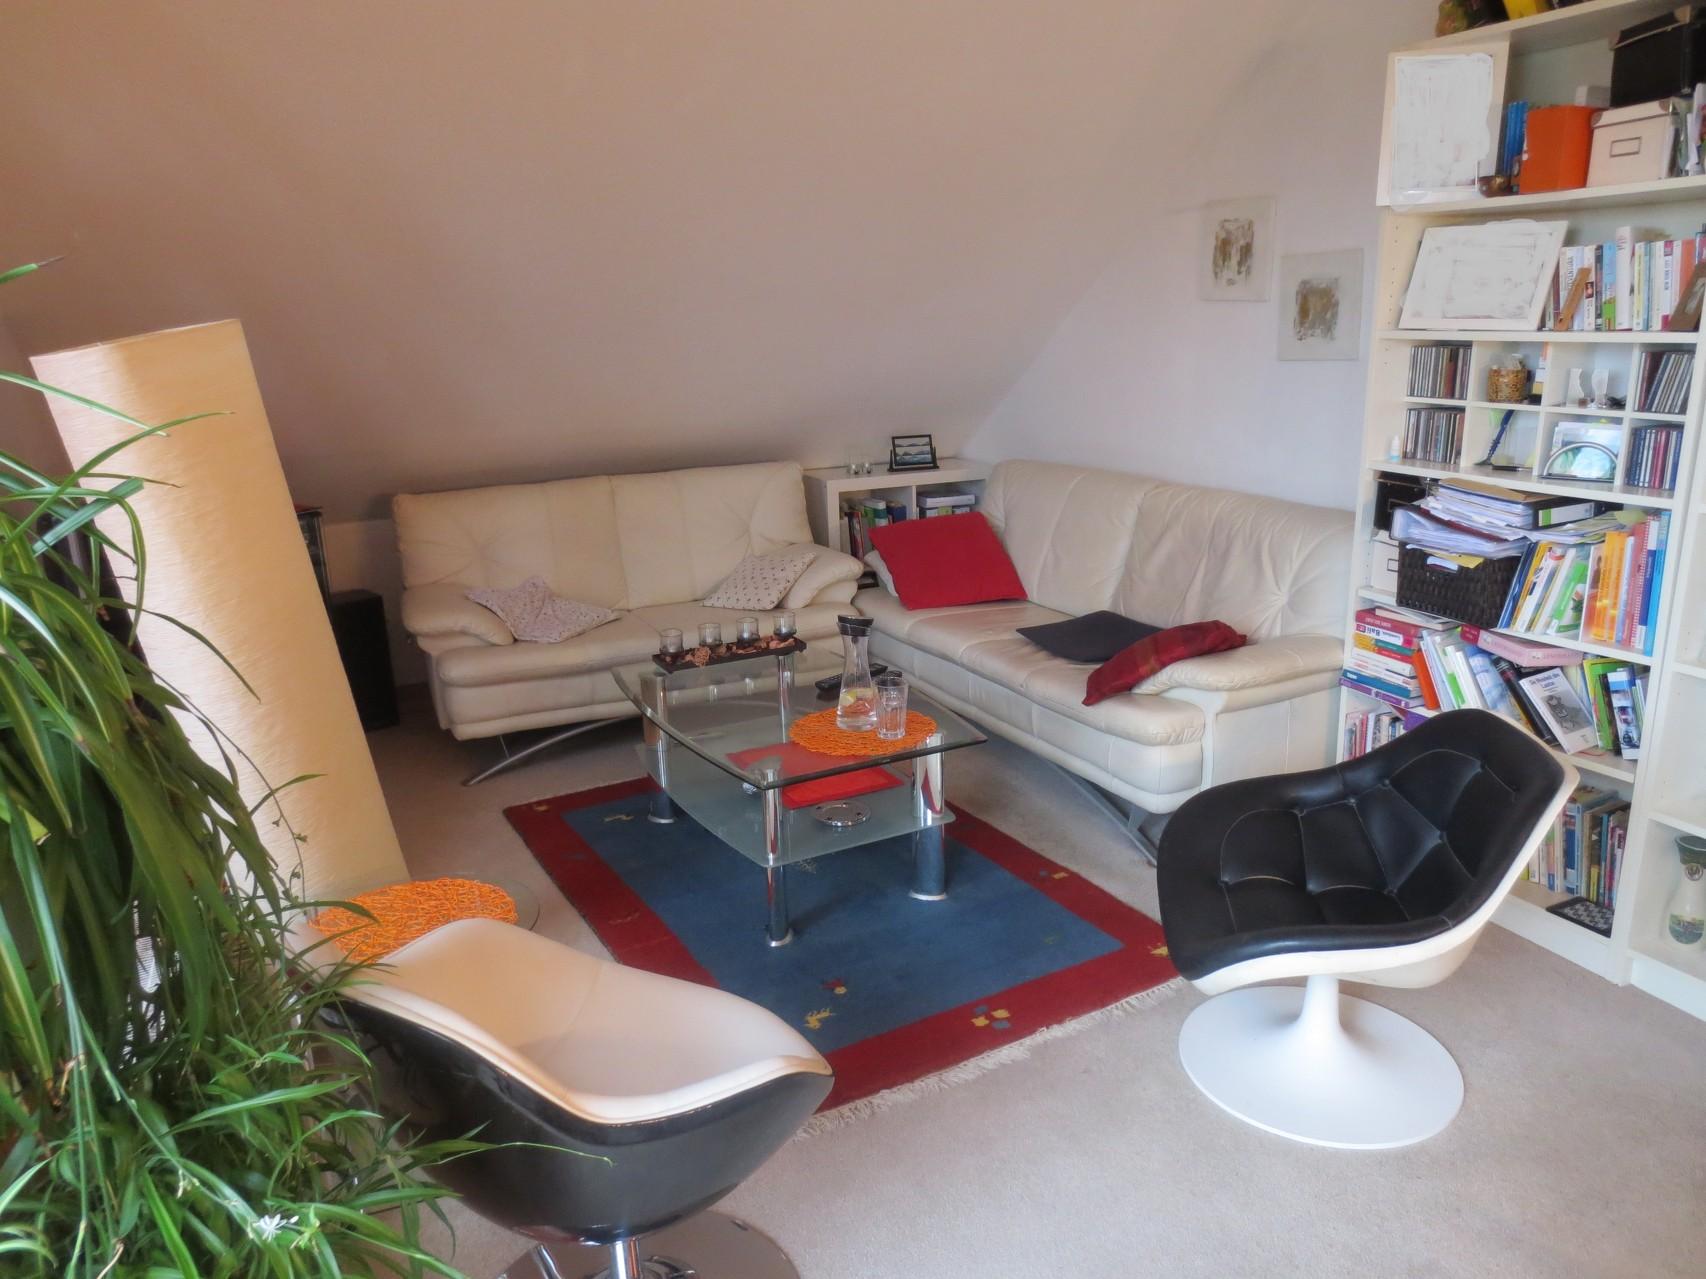 Sitzgruppe in der Wohnung in 33647 Bielefeld